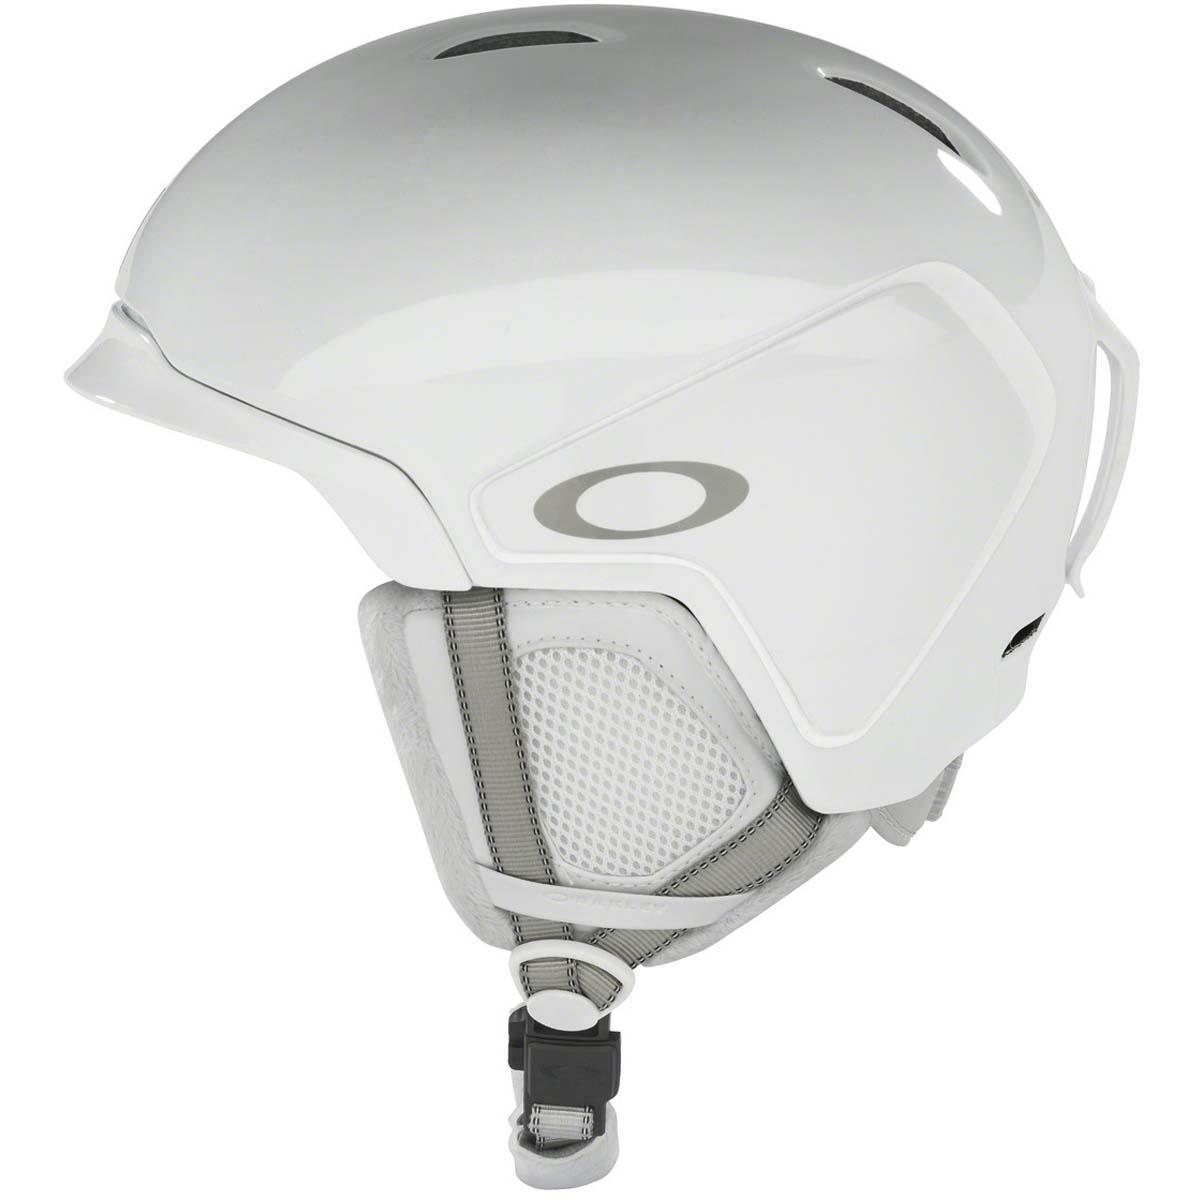 oakley mod 3 helmet review